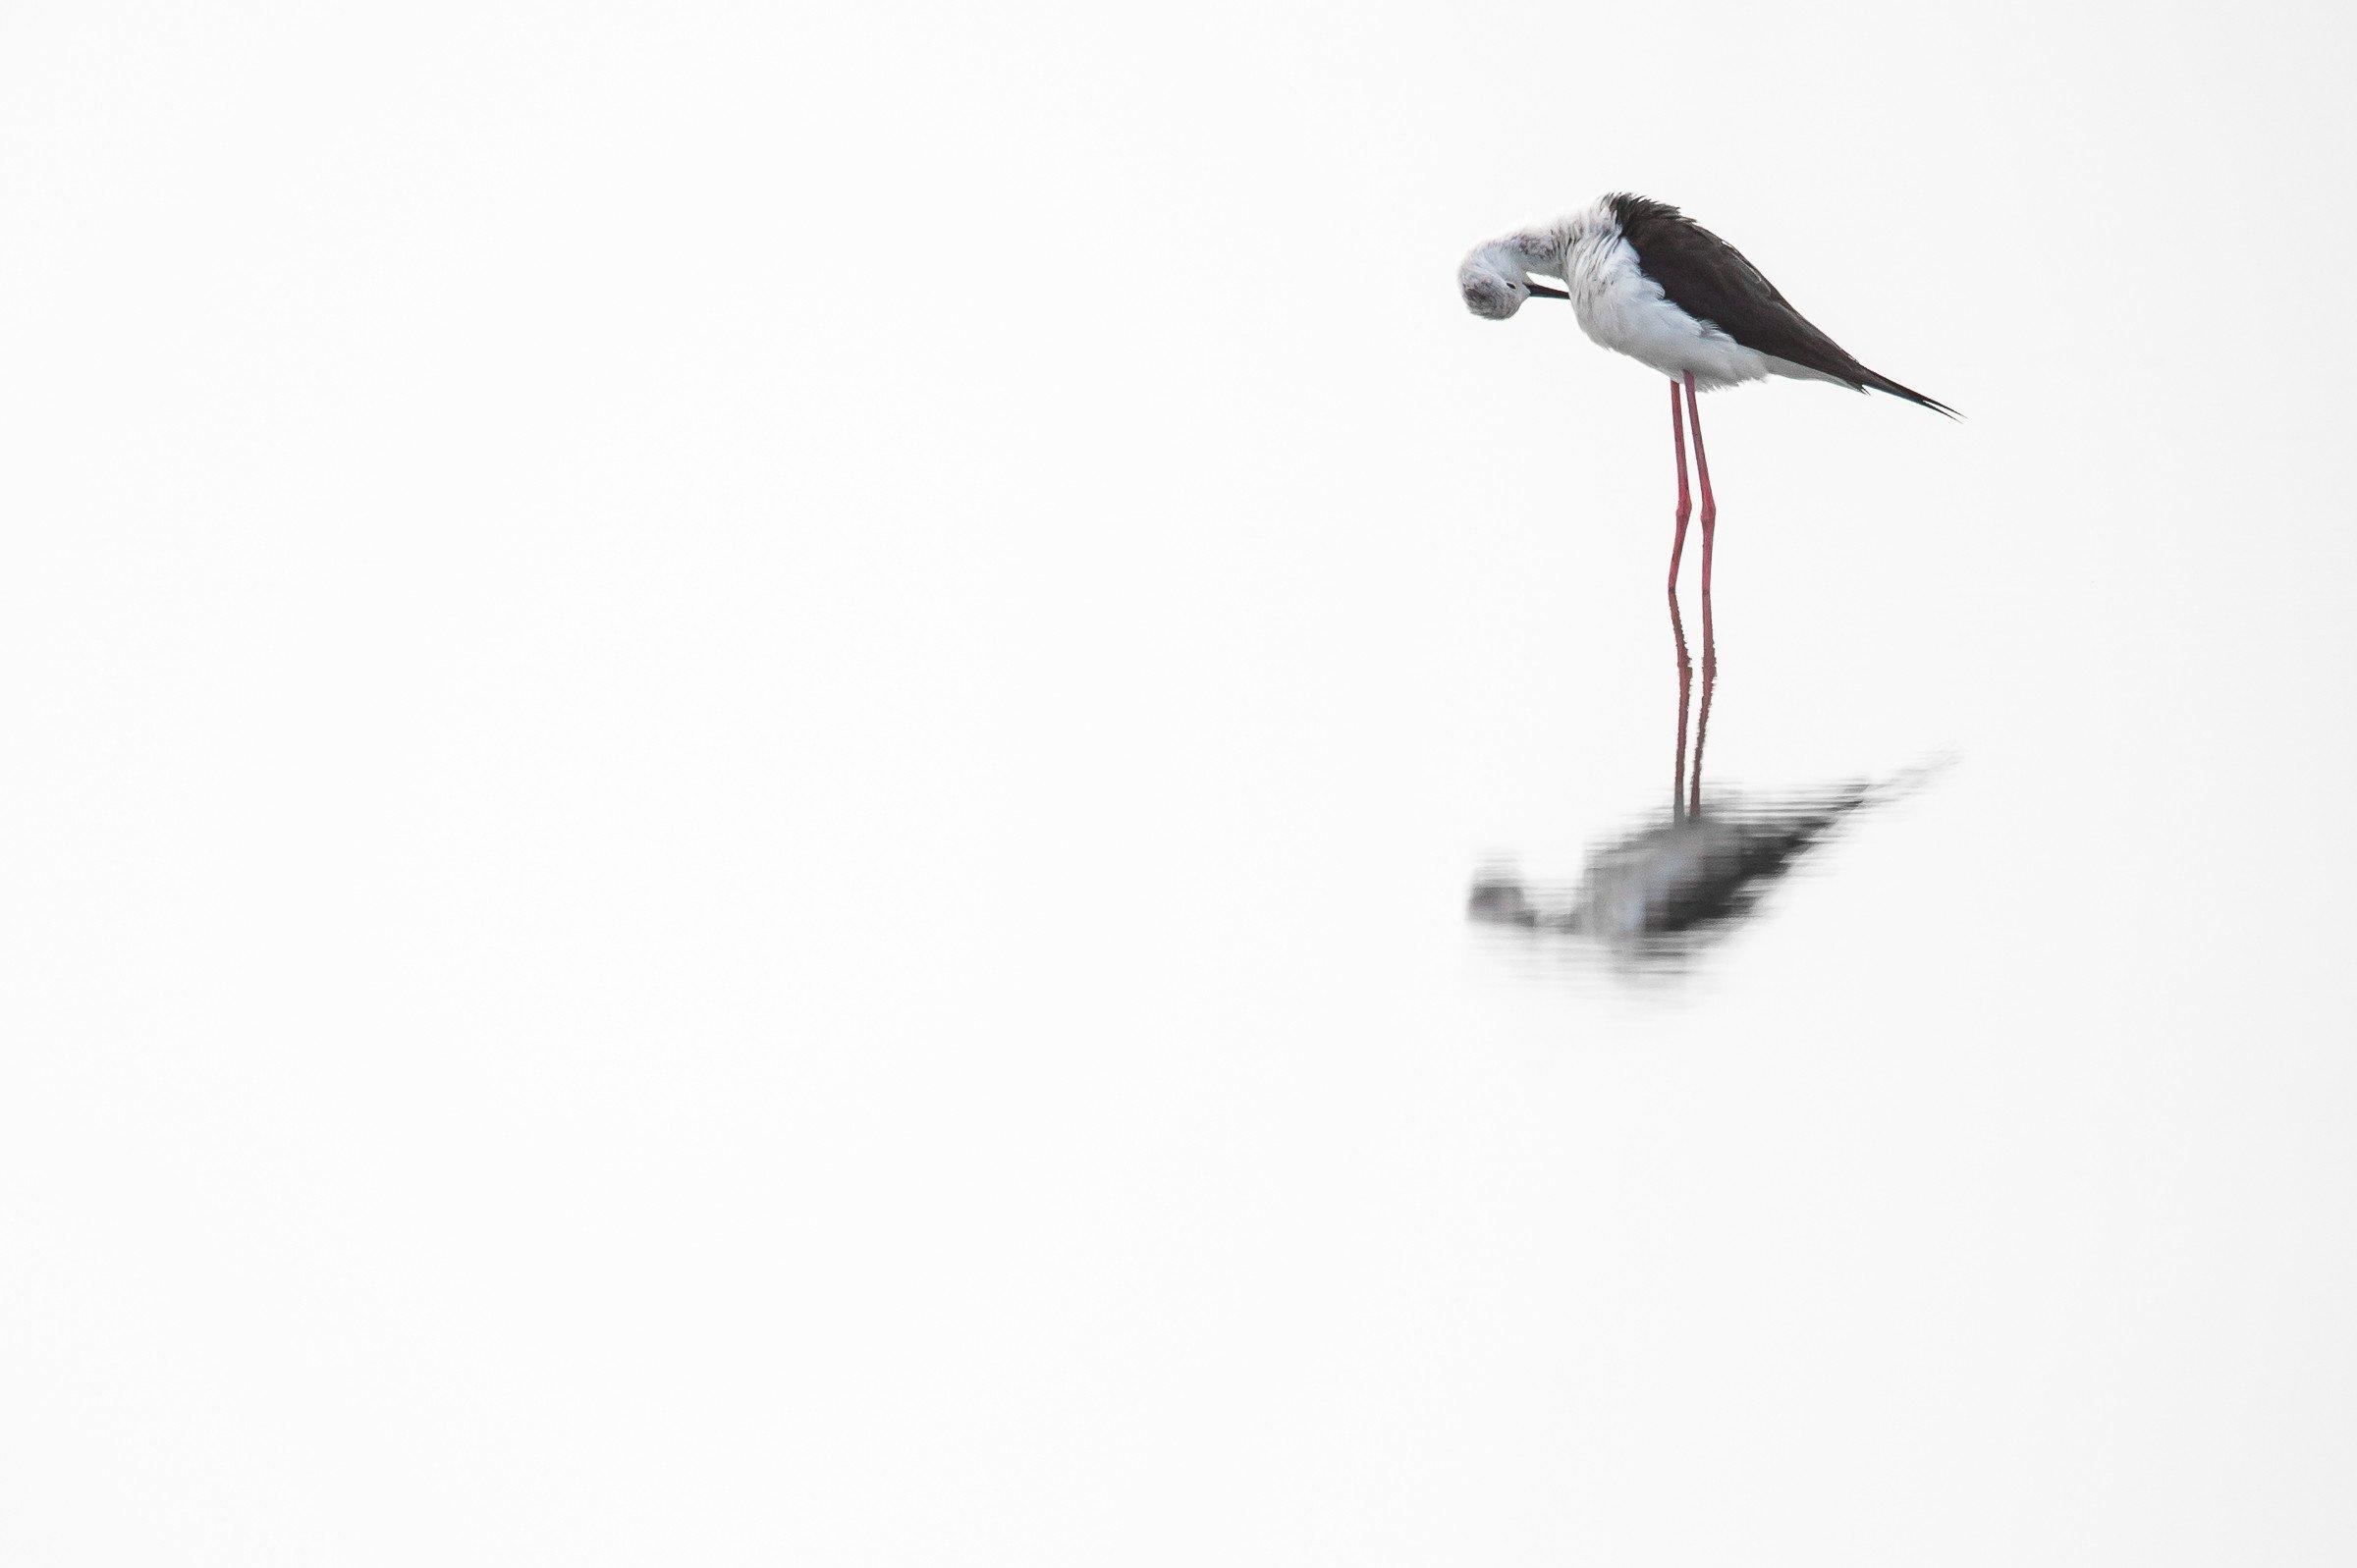 vogels BHW 6107